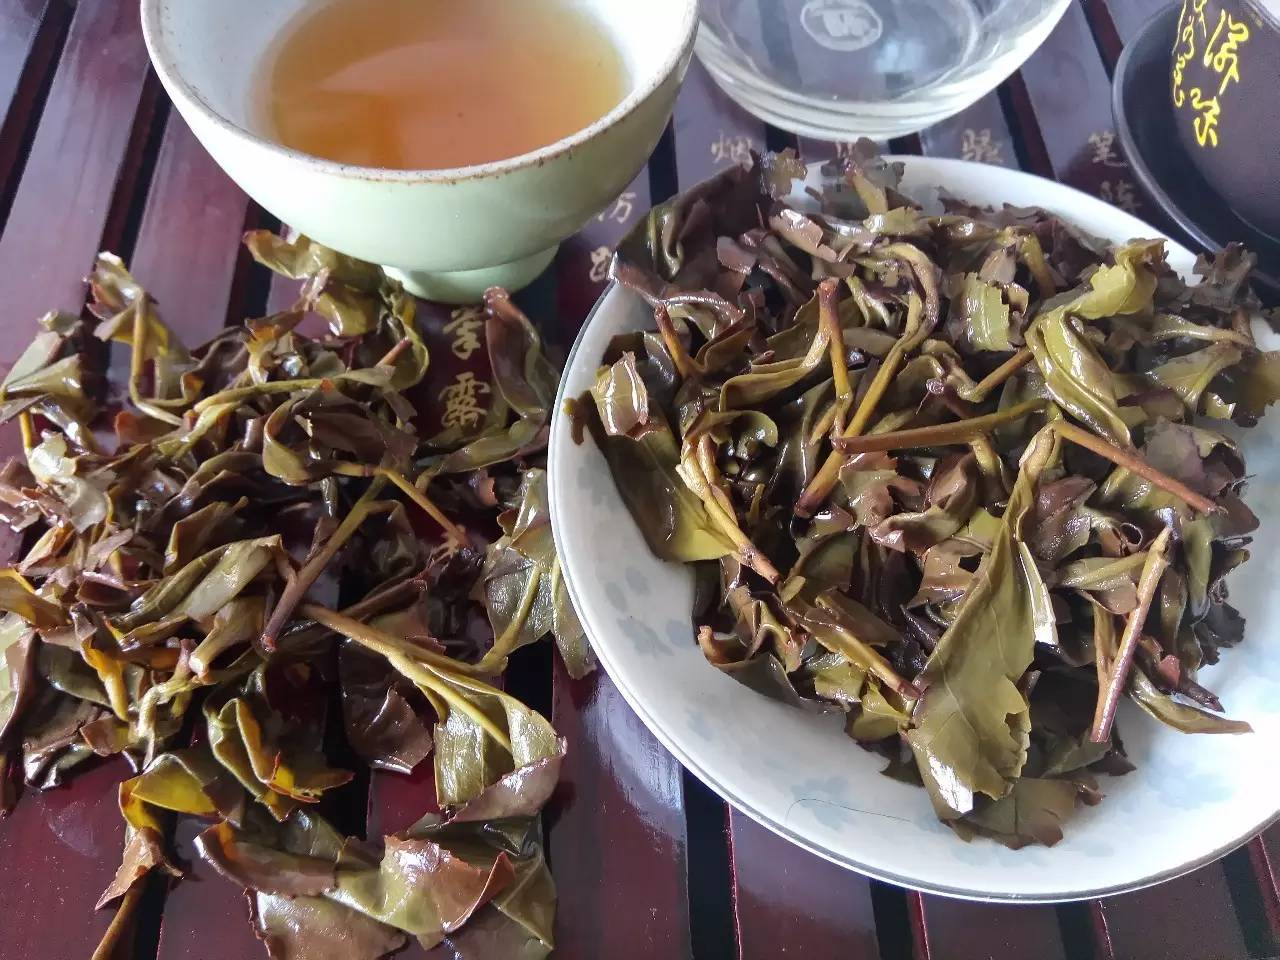 水仙属于乌龙茶吗图片